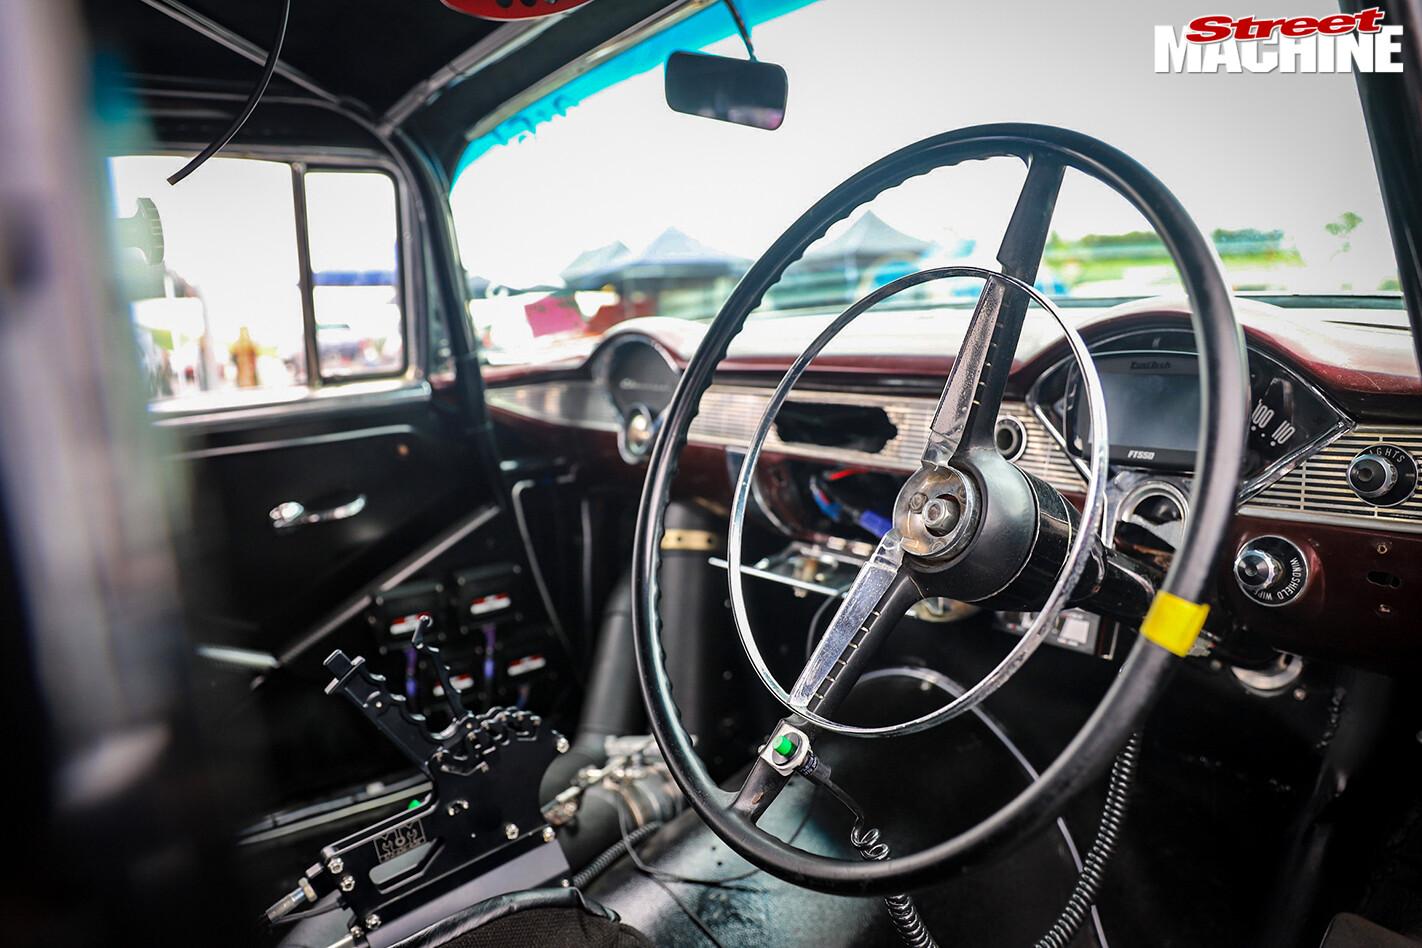 Street Machine Features 1956 Chevrolet Dash